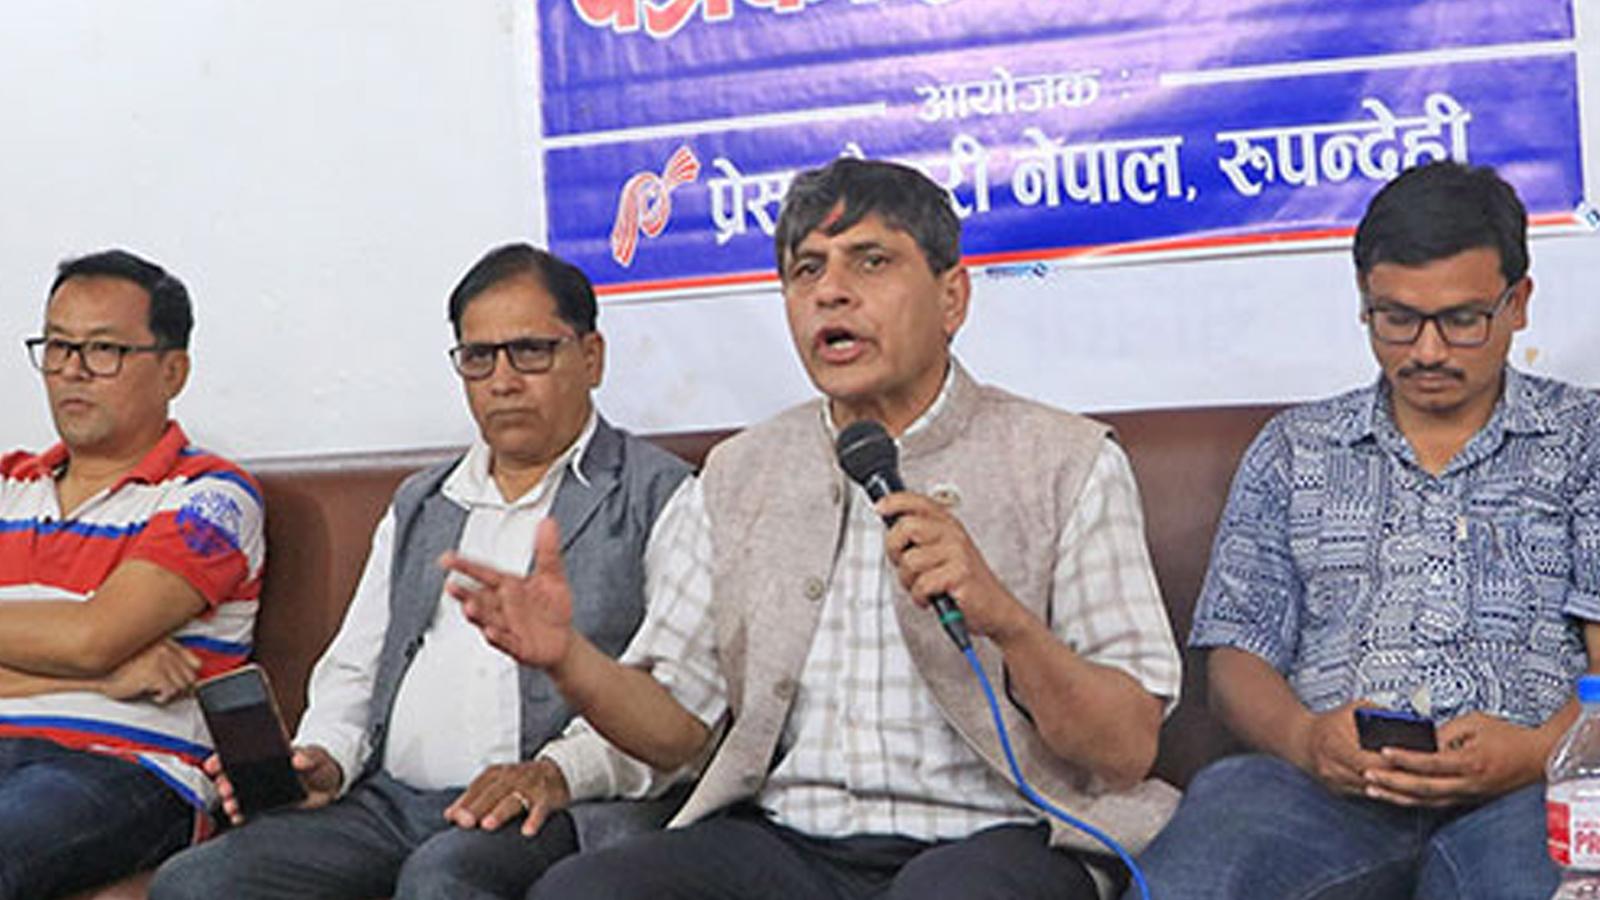 पाण्डवले कौरवसंग खुट्टा टेक्ने ठाउँ मागे जस्तै ओलीसँग चुनावको टिकट माग्छौंः नेता भुसाल